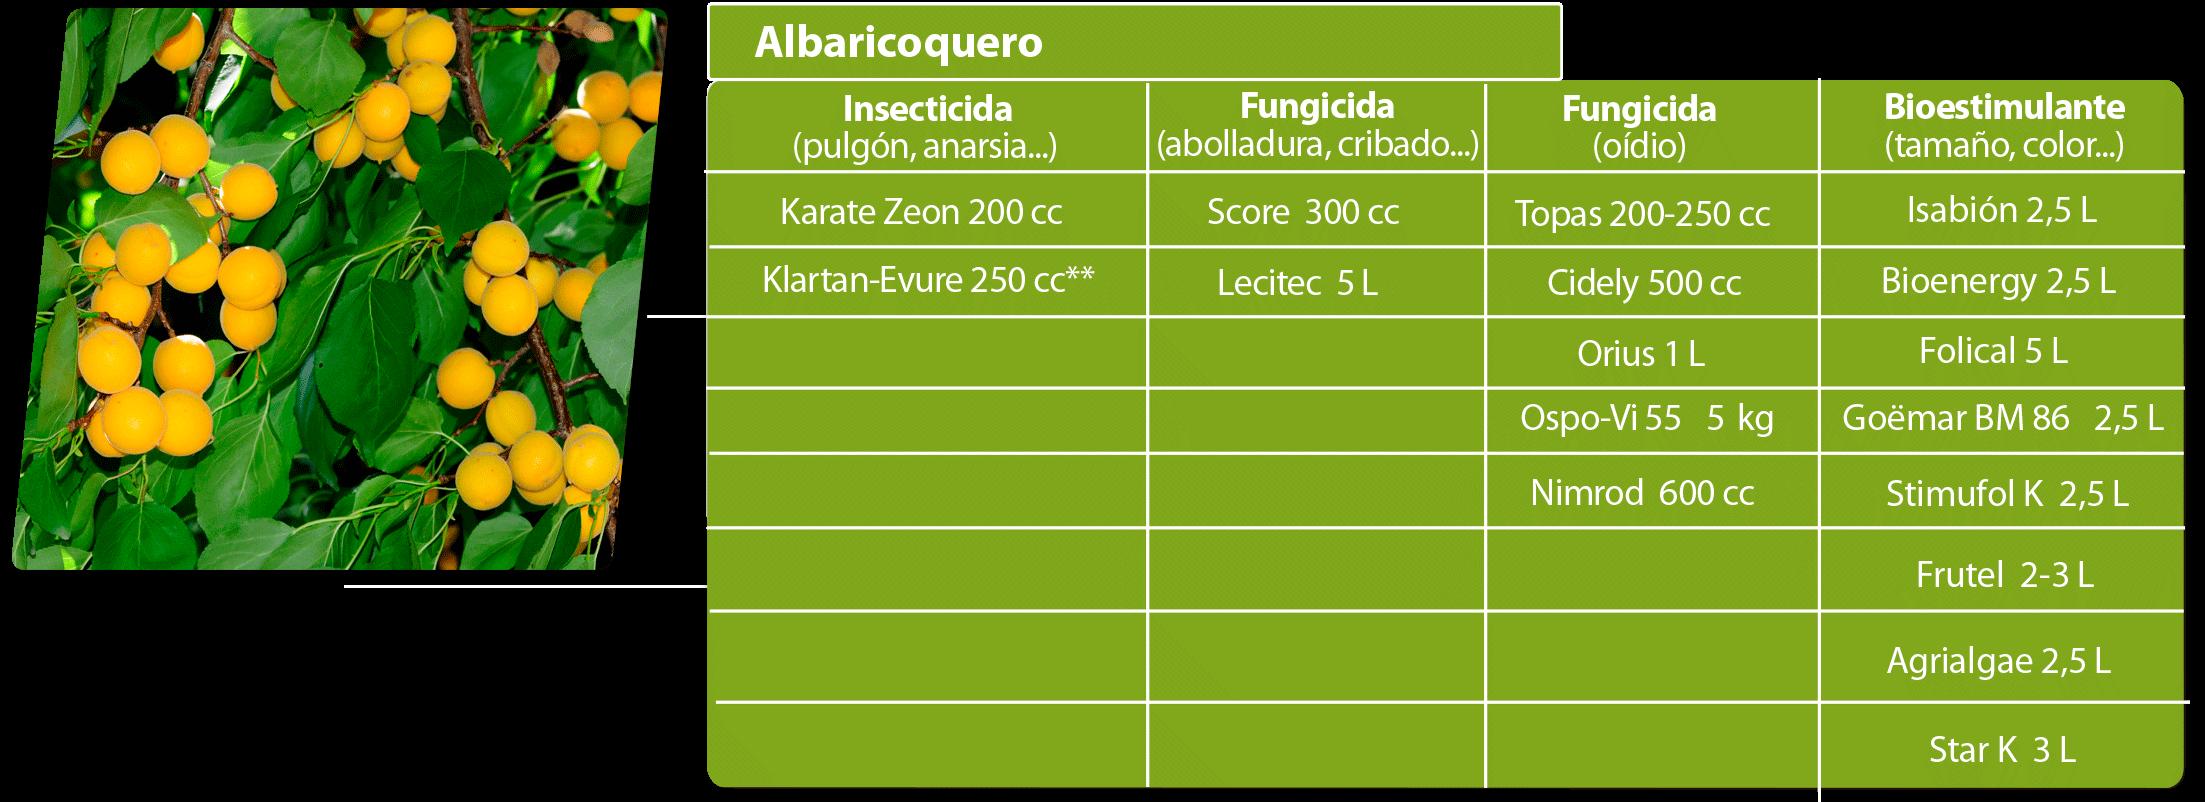 agriconsejos julio albaricoquero